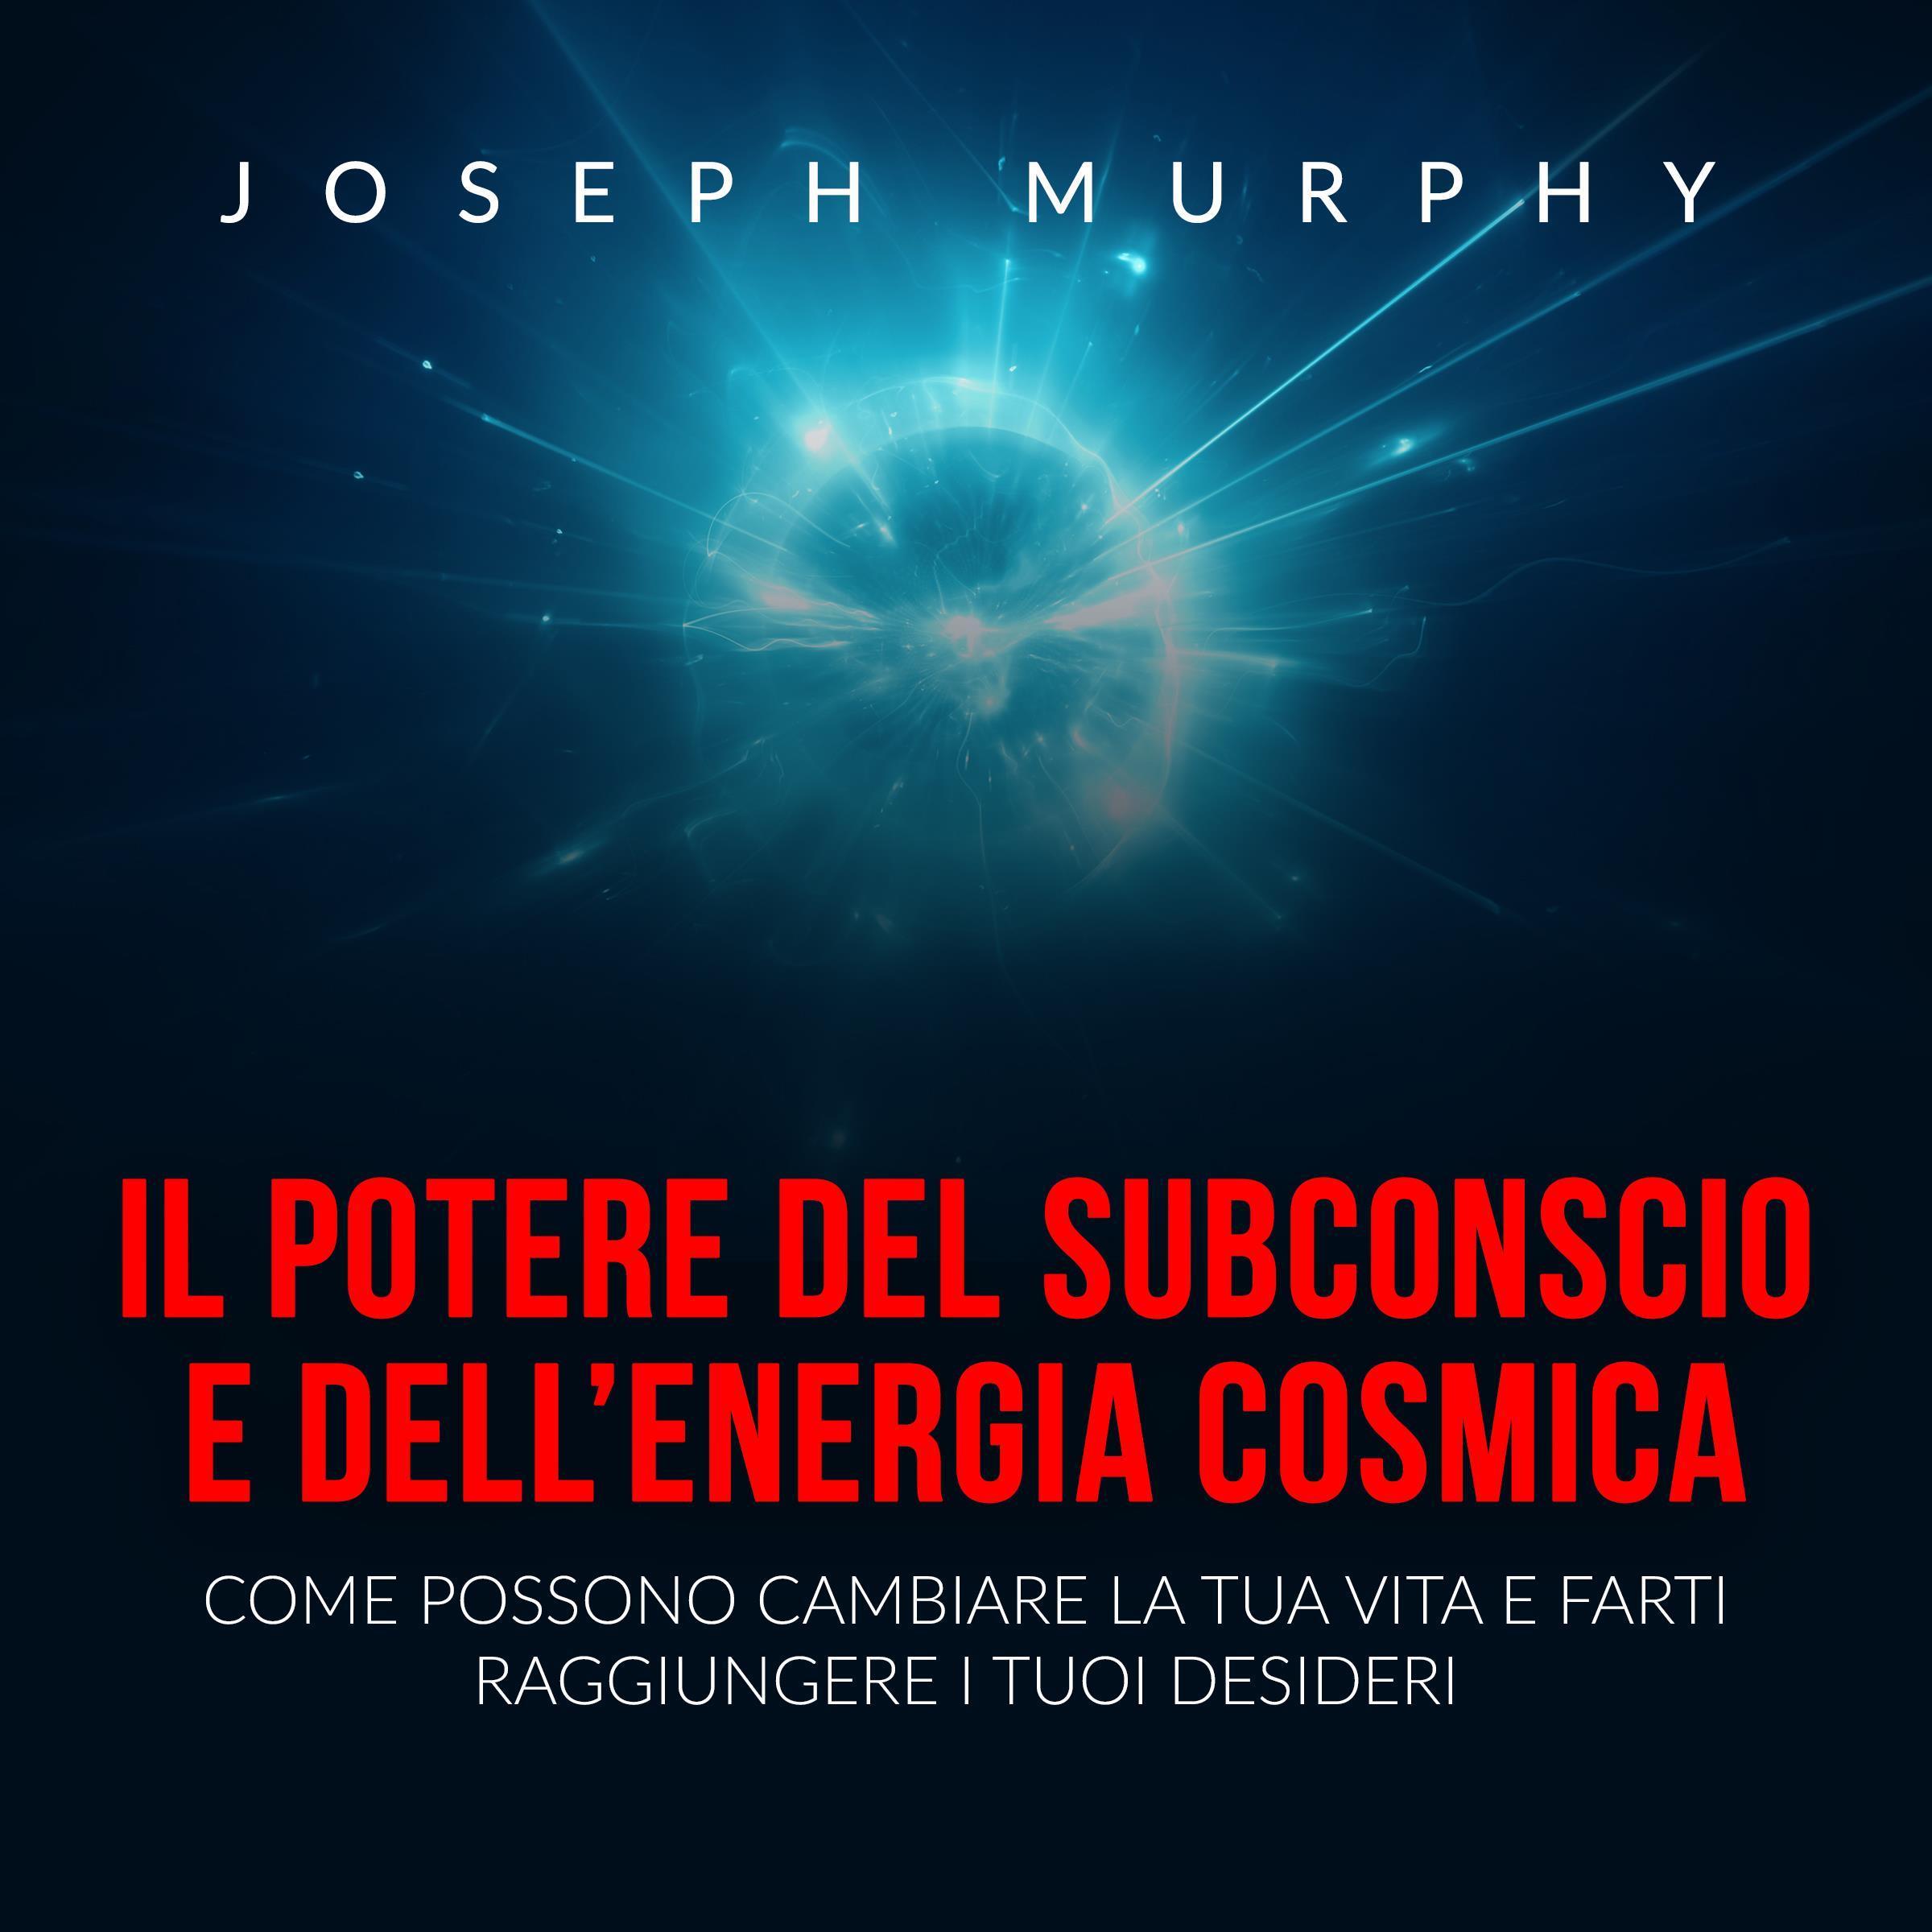 Il Potere del Subconscio e dell'Energia cosmica